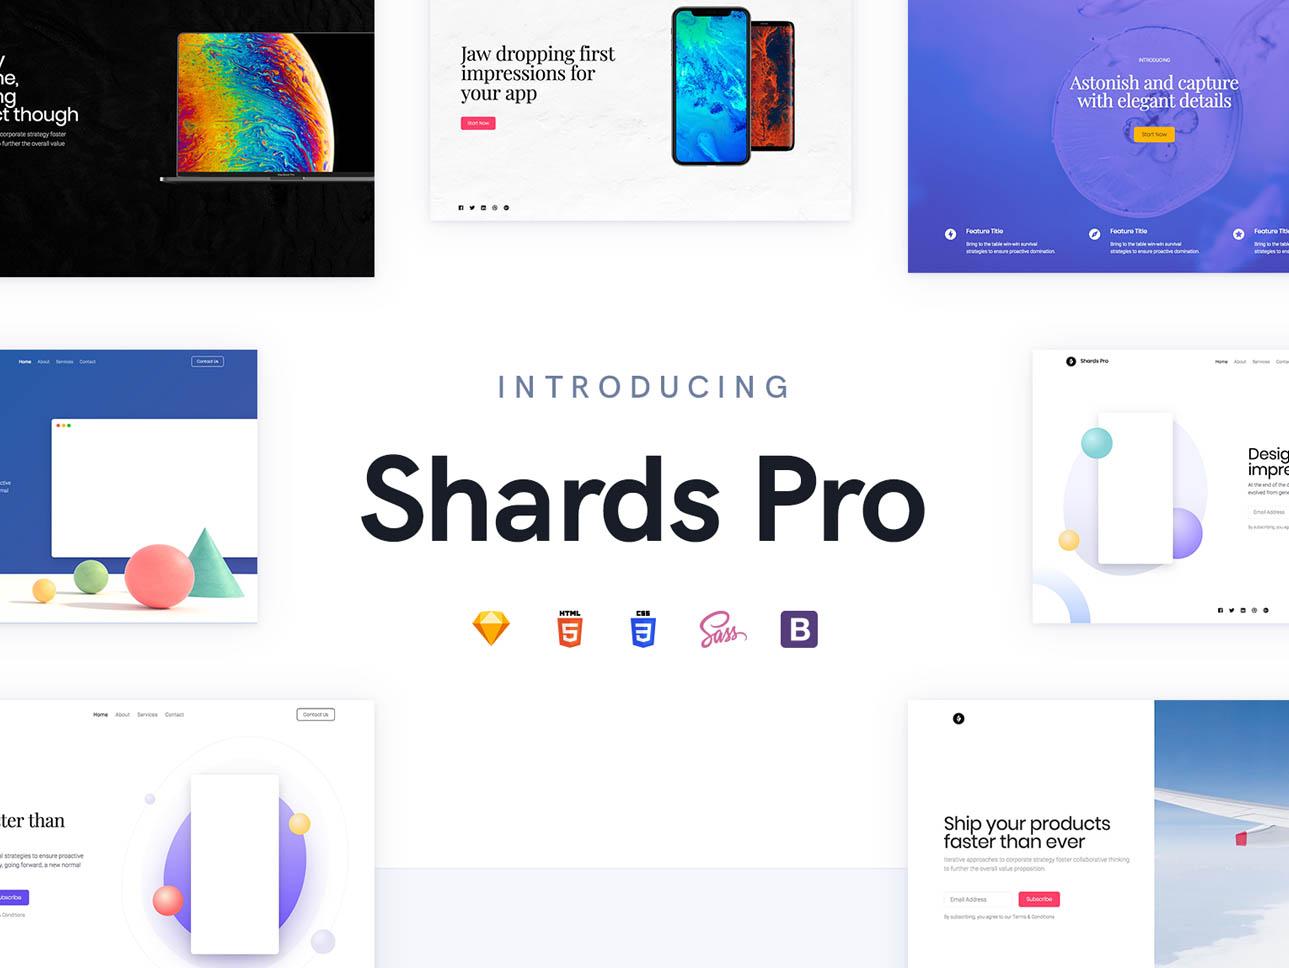 Shards Pro